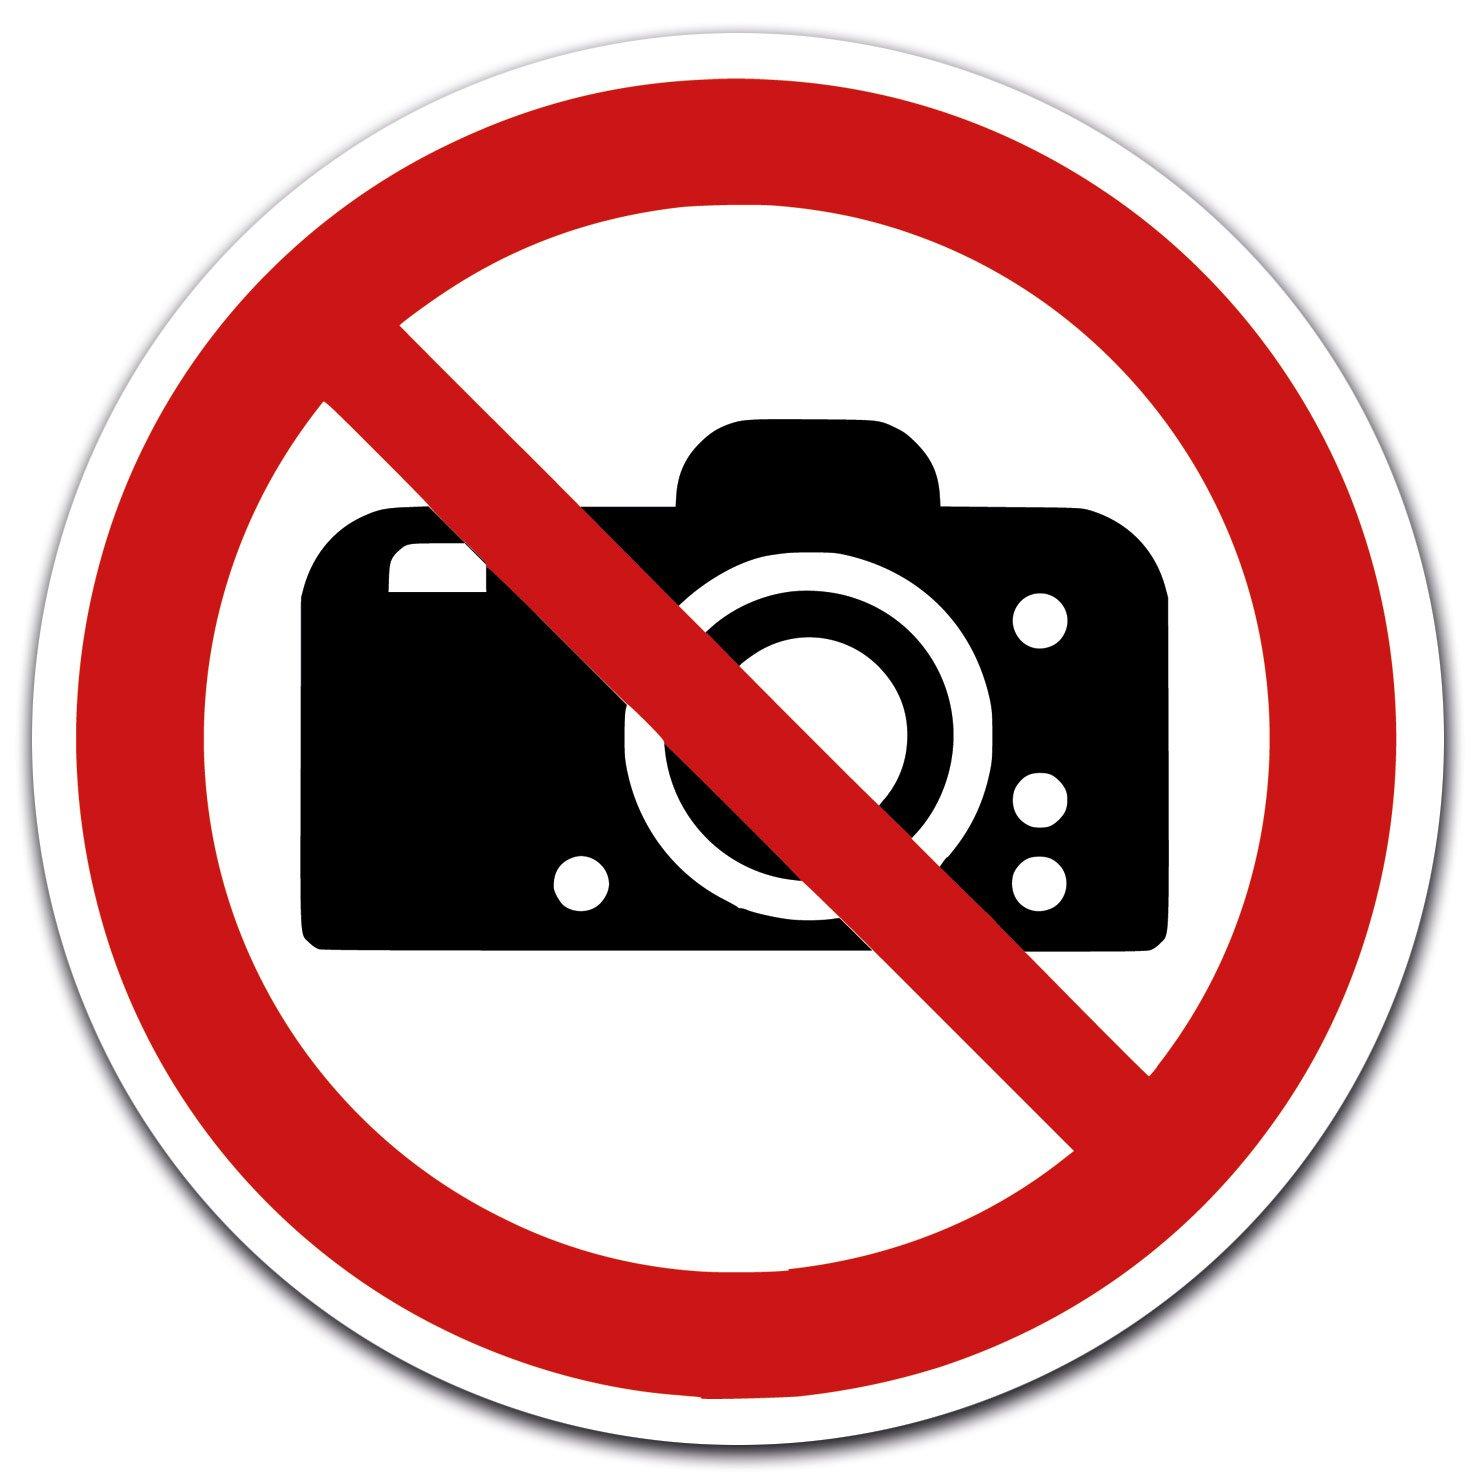 Autocollants photographier interdit, diamè tre 12 cm diamètre 12cm LabelDay